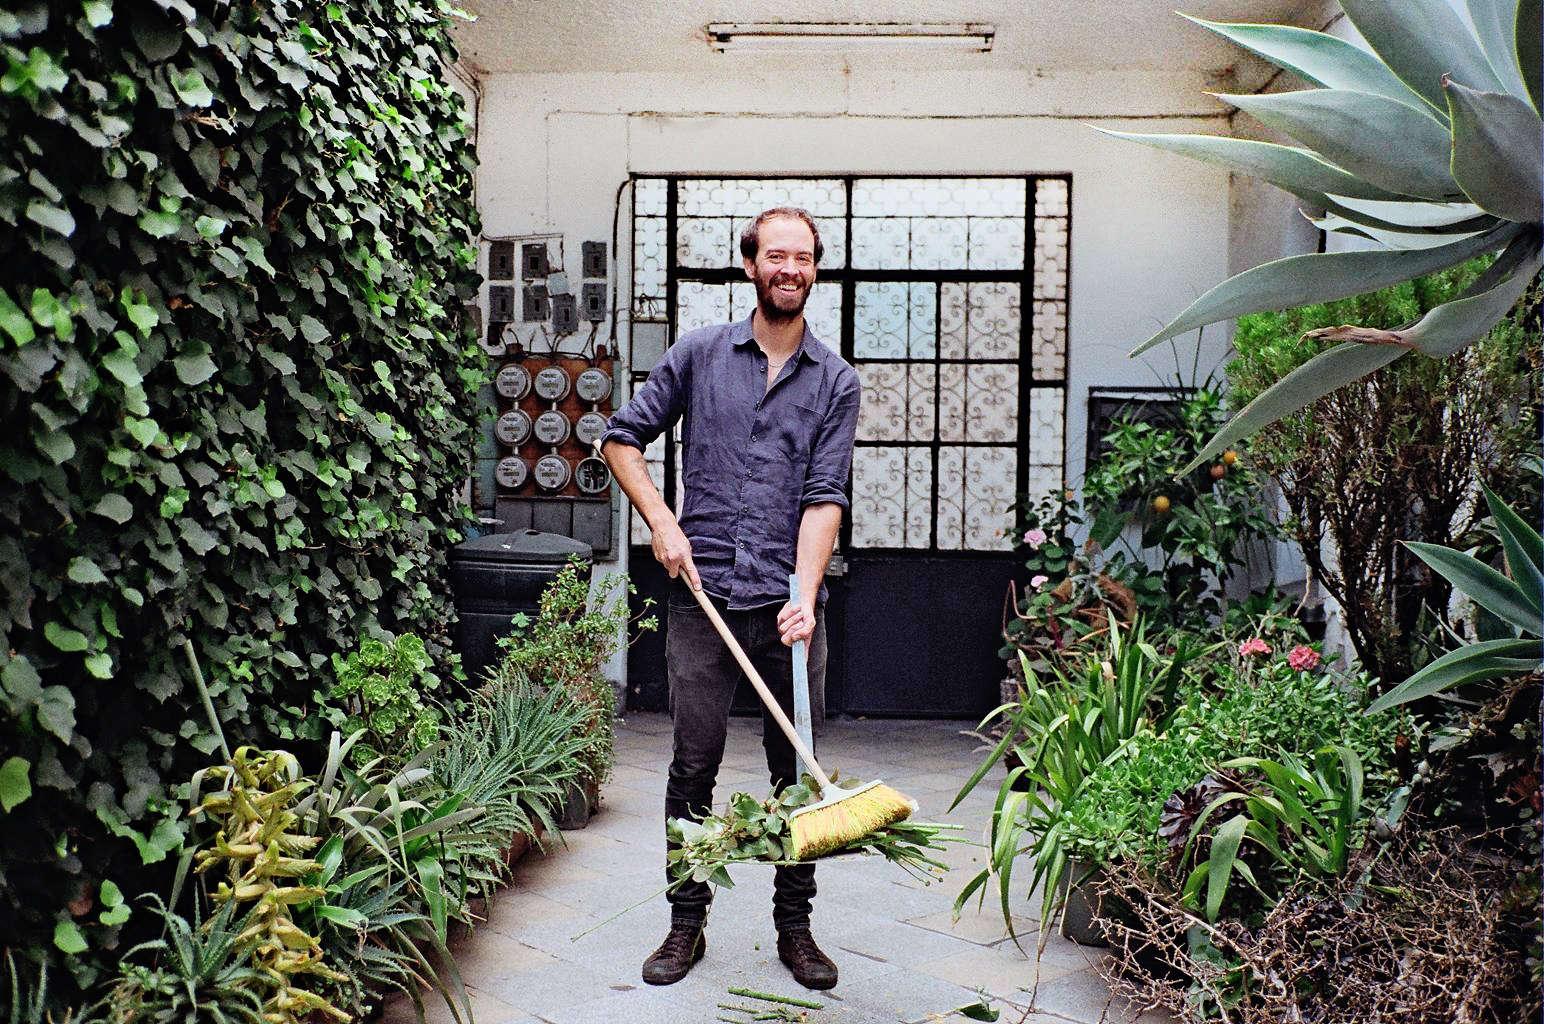 Freunde-von-Freunden-Alberto-Arango-Ramiro-Guerrero-088-gardenista